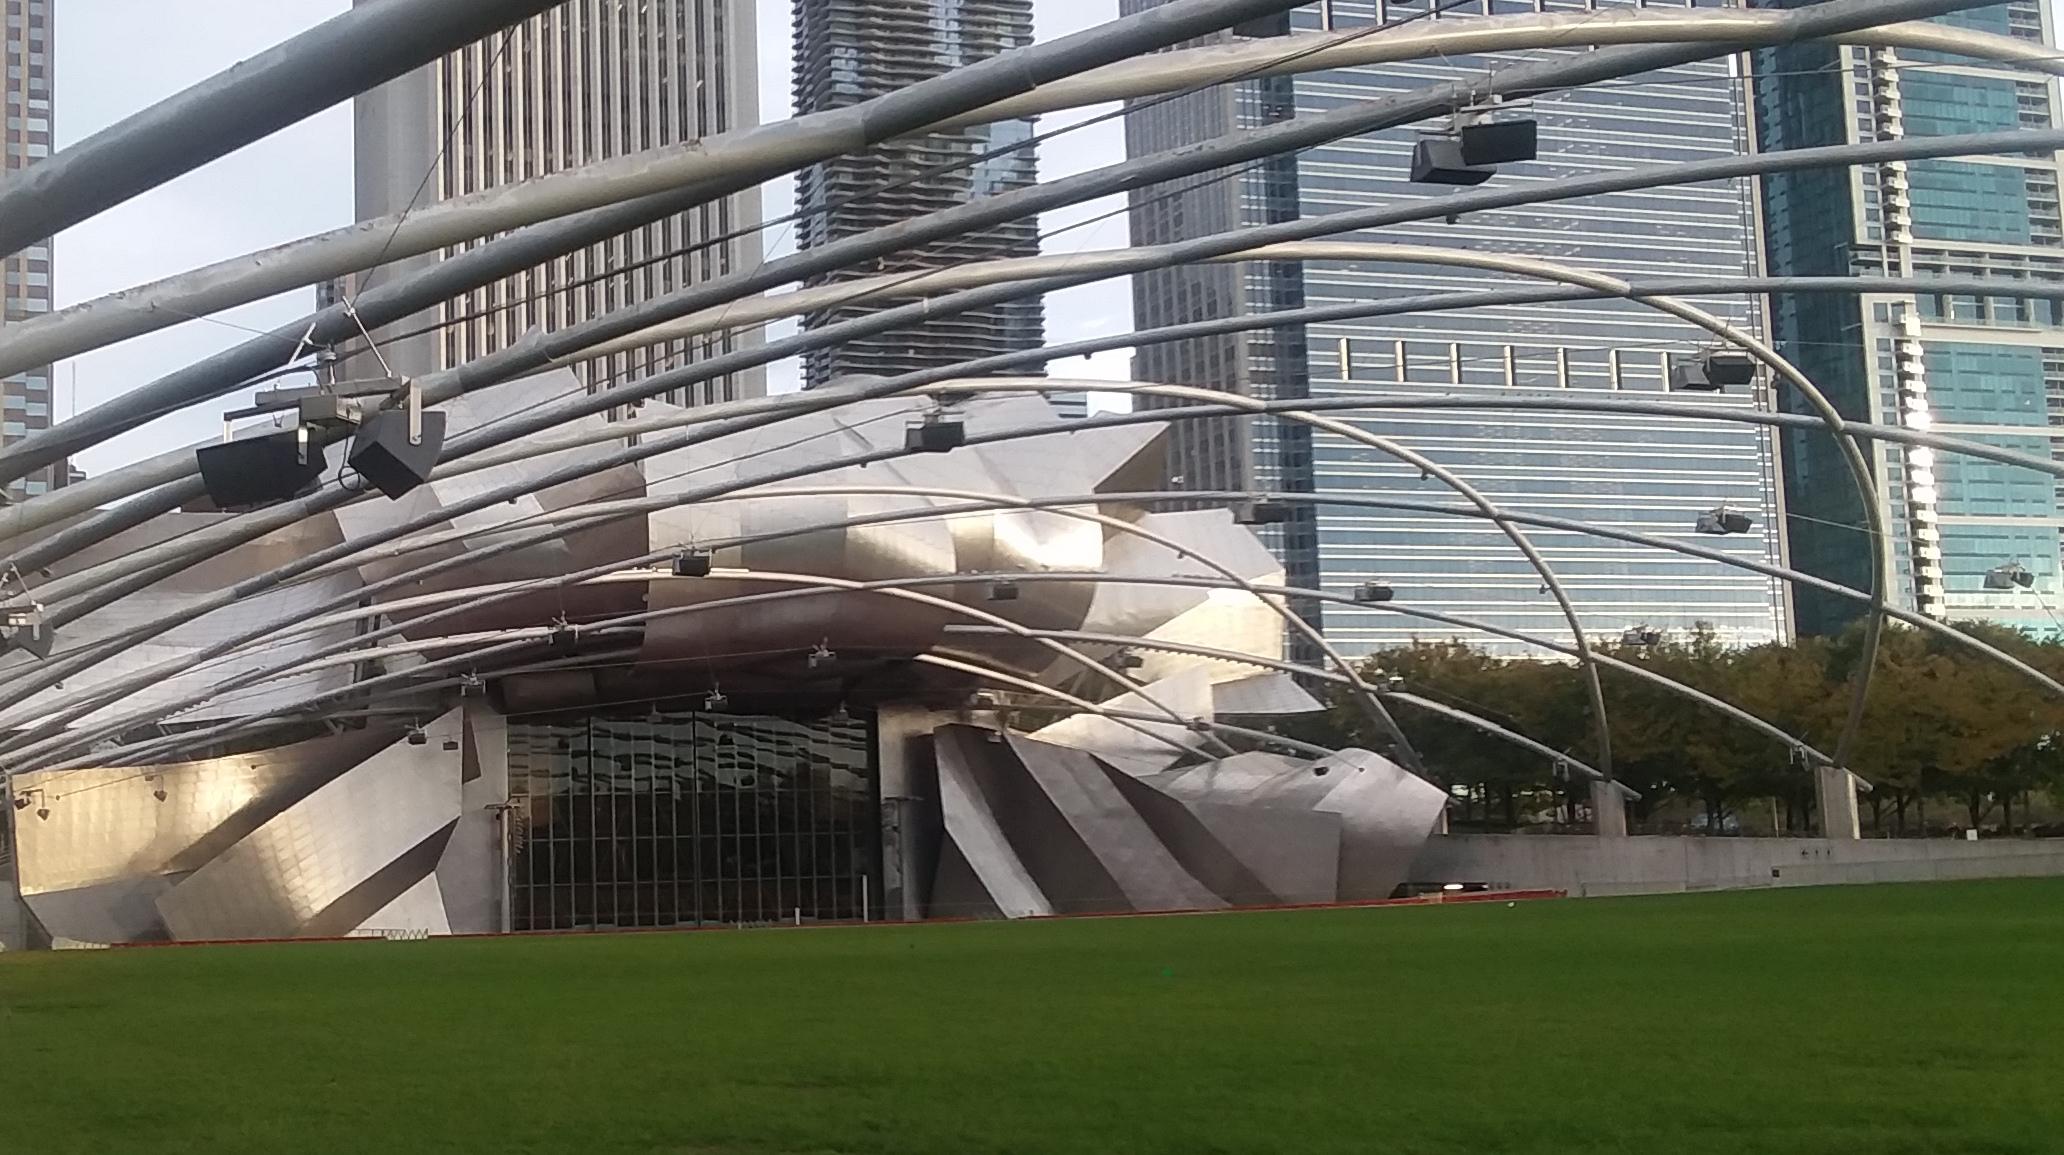 Millenimum Park, Chicago